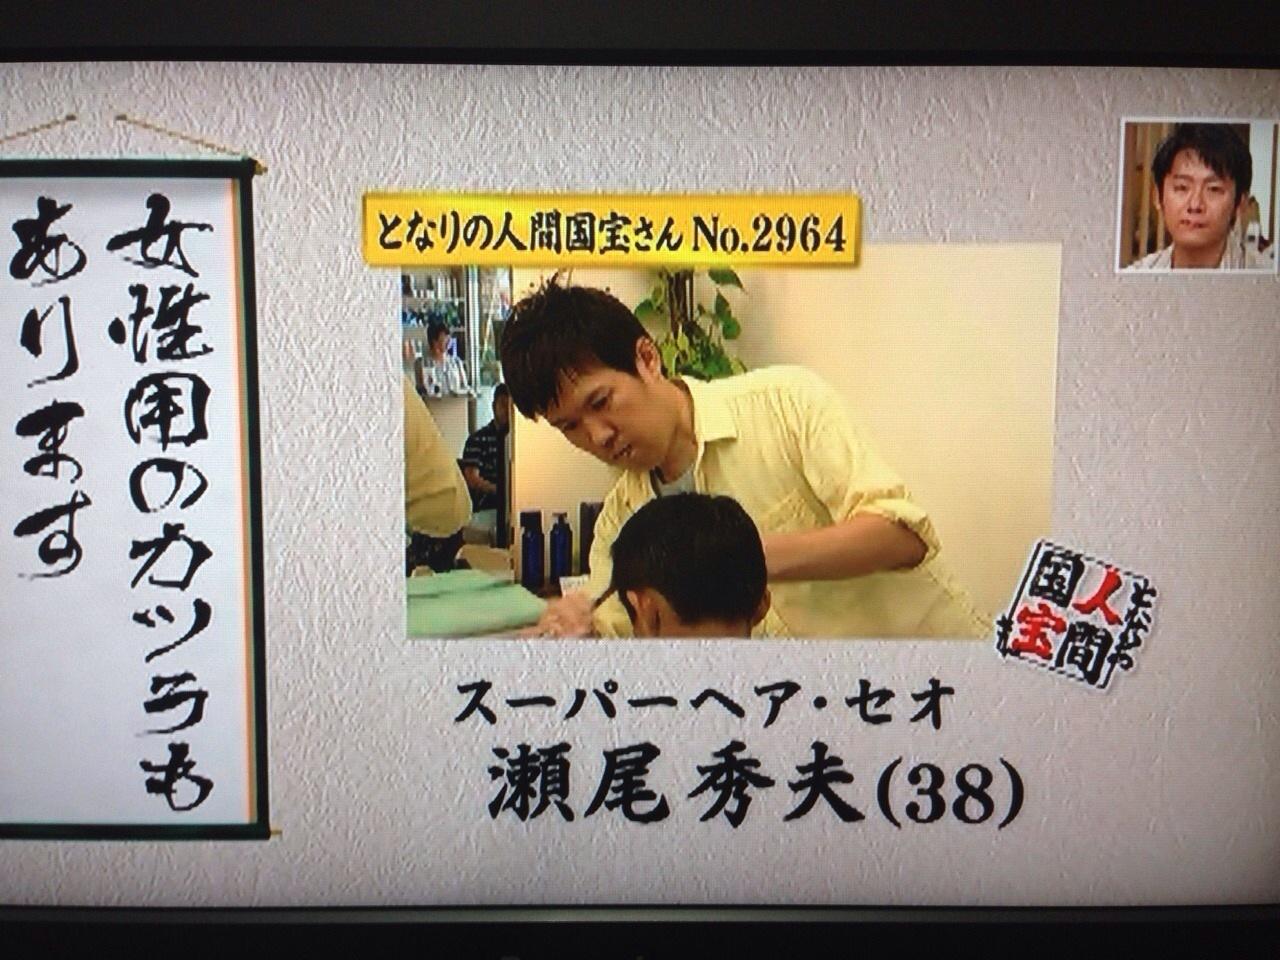 関西テレビ よーいドンに再登場!!_f0115763_16102096.jpg